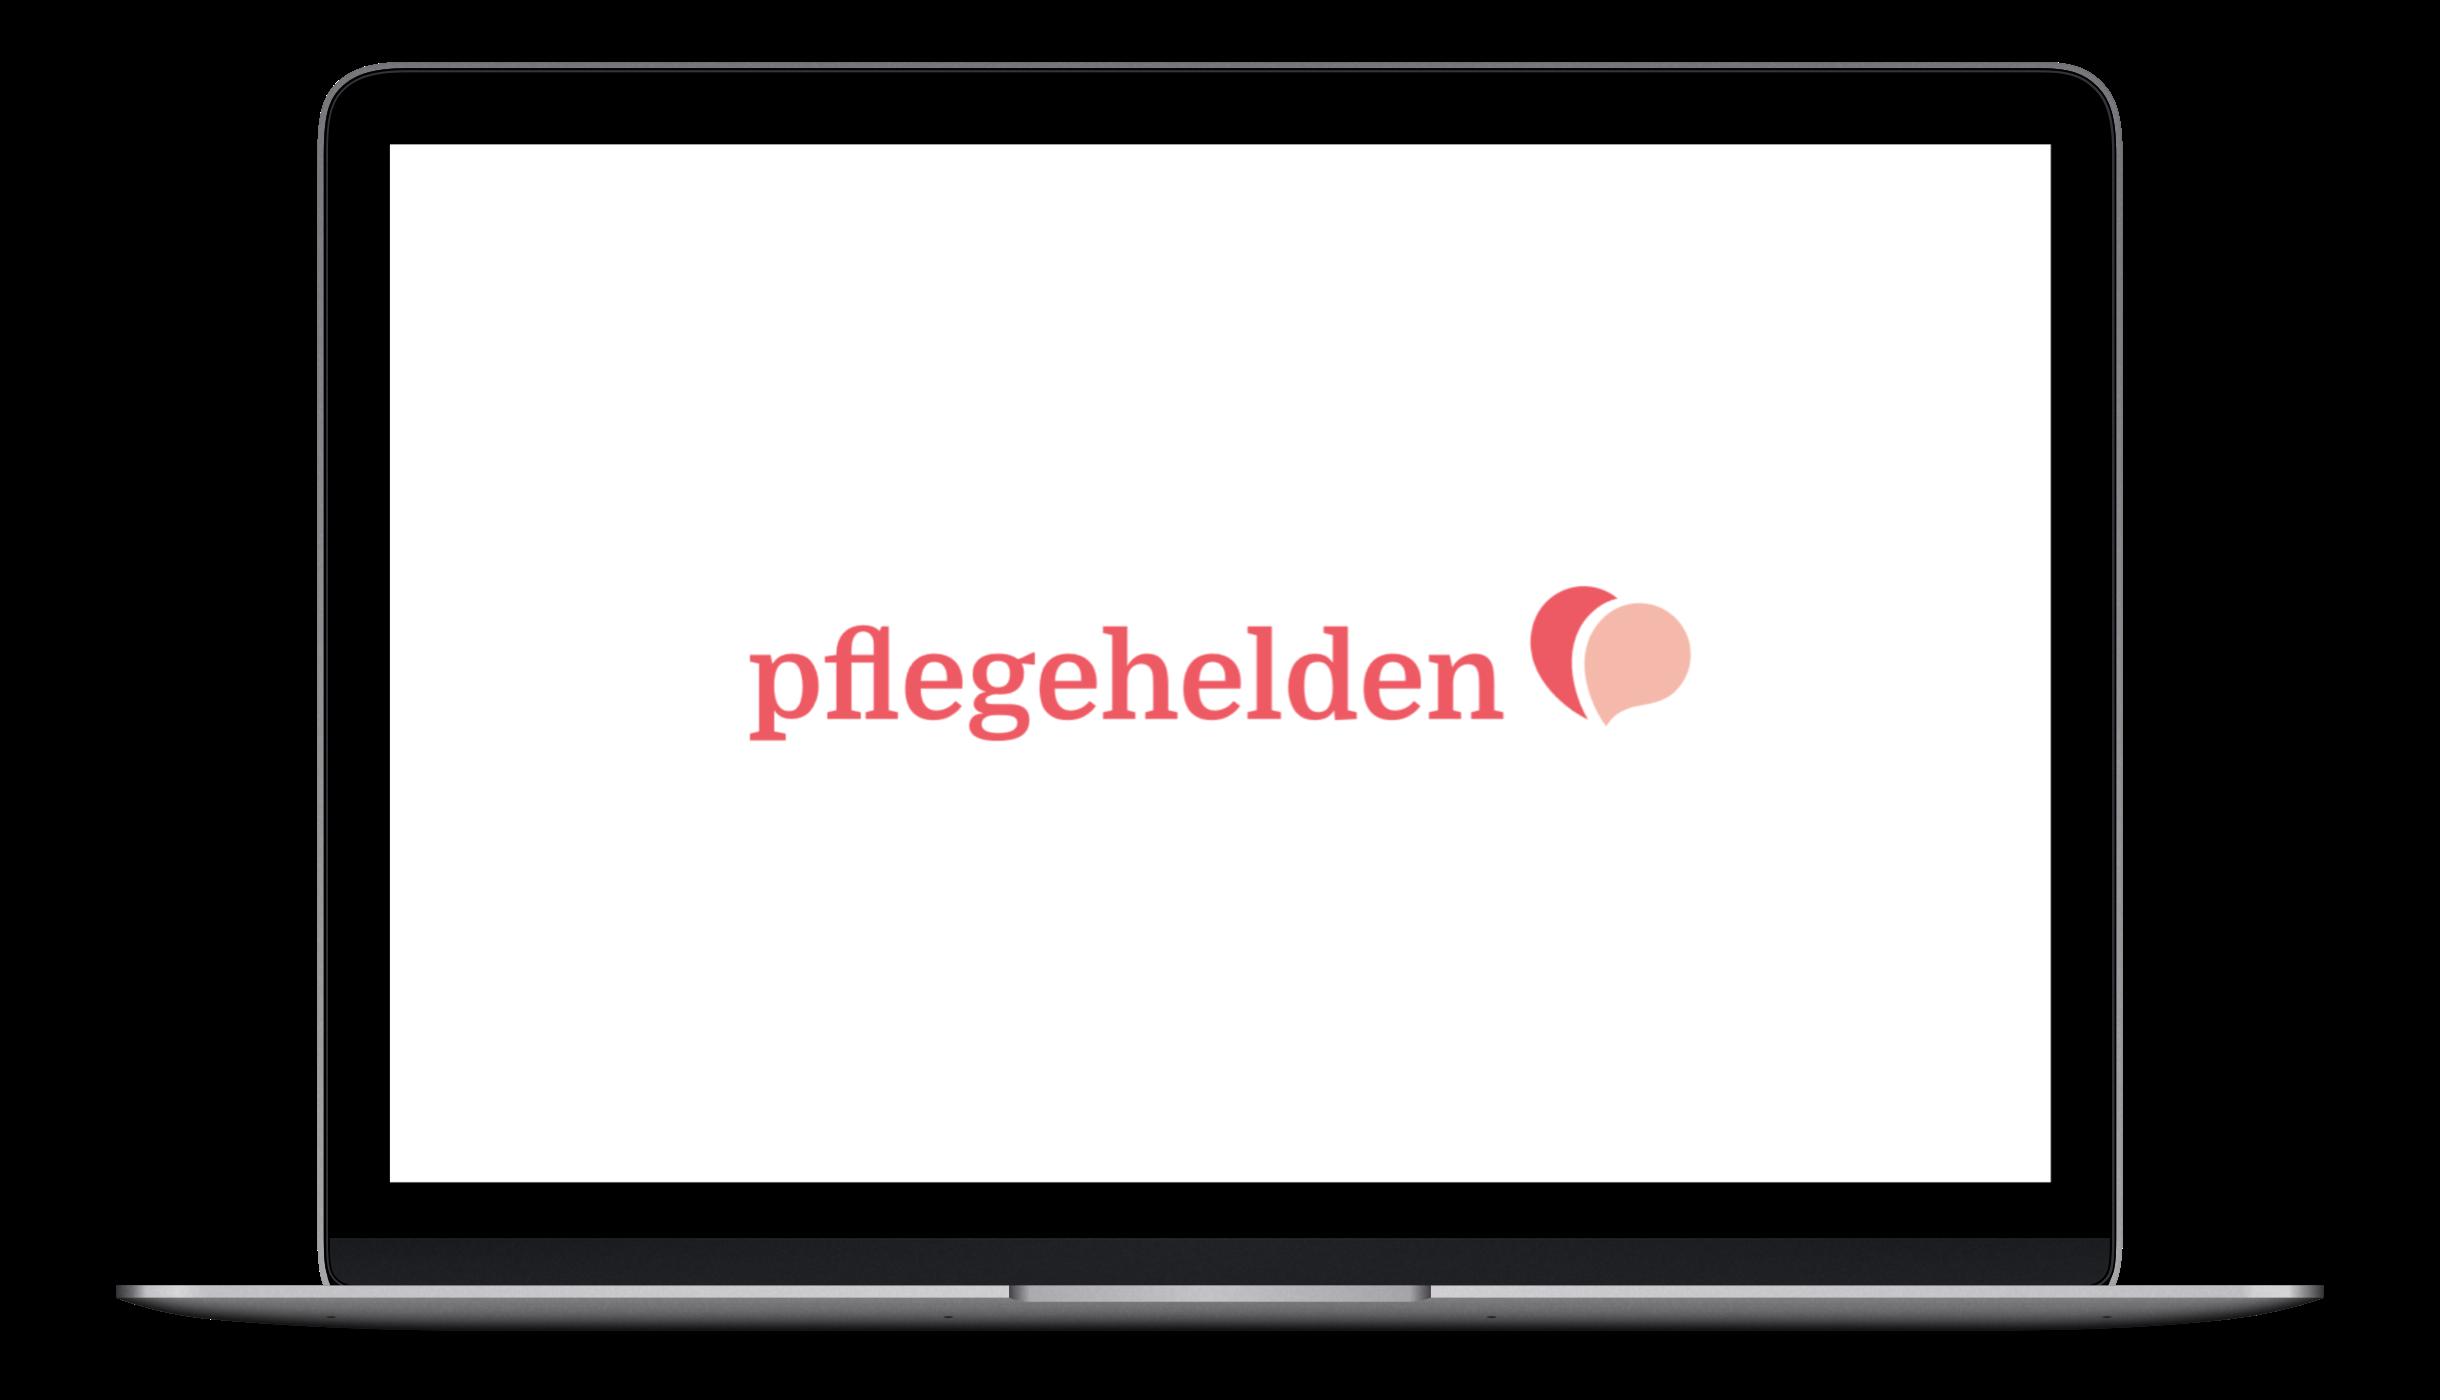 pflegehelden_Logo.png